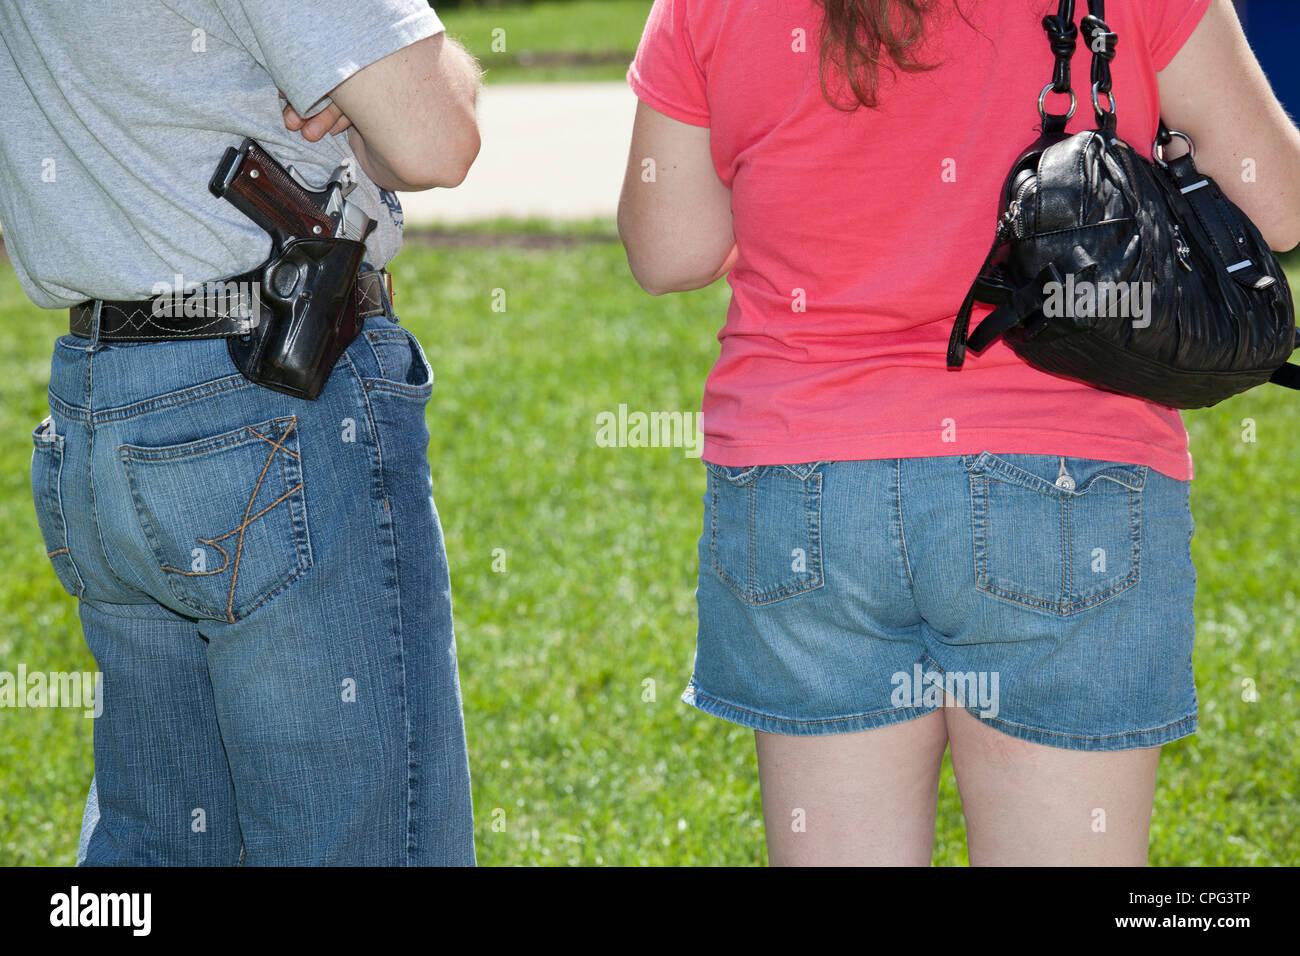 Pistola avvocati Rally contro Abrogazione del Michigan 'stand la vostra terra' legge Immagini Stock